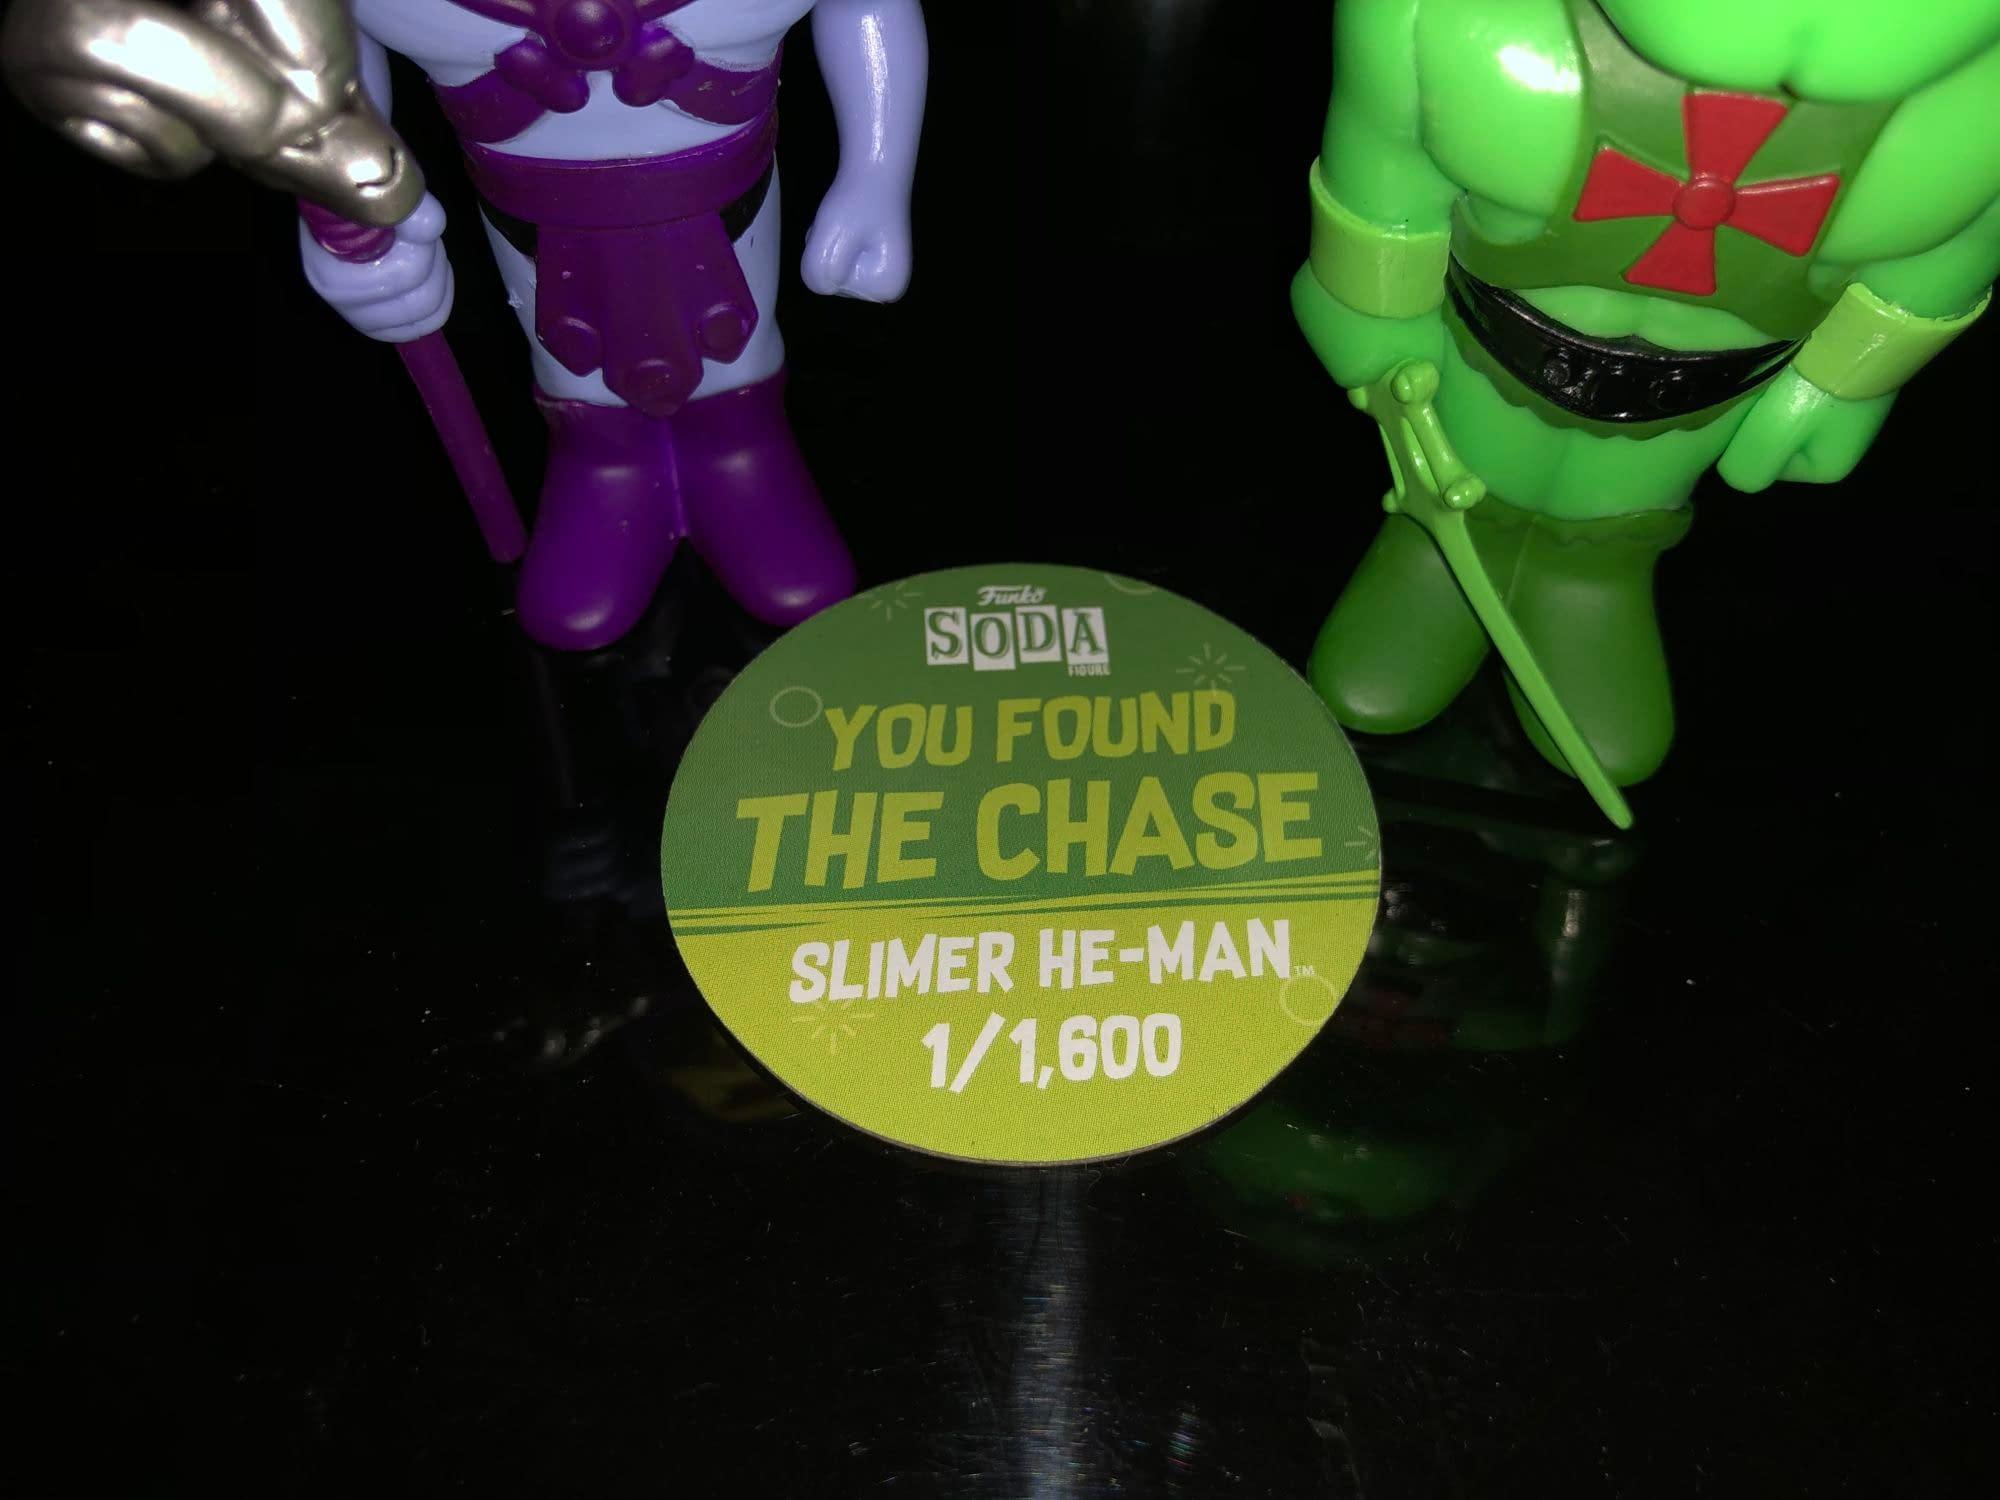 Funko Soda Masters of the Universe97